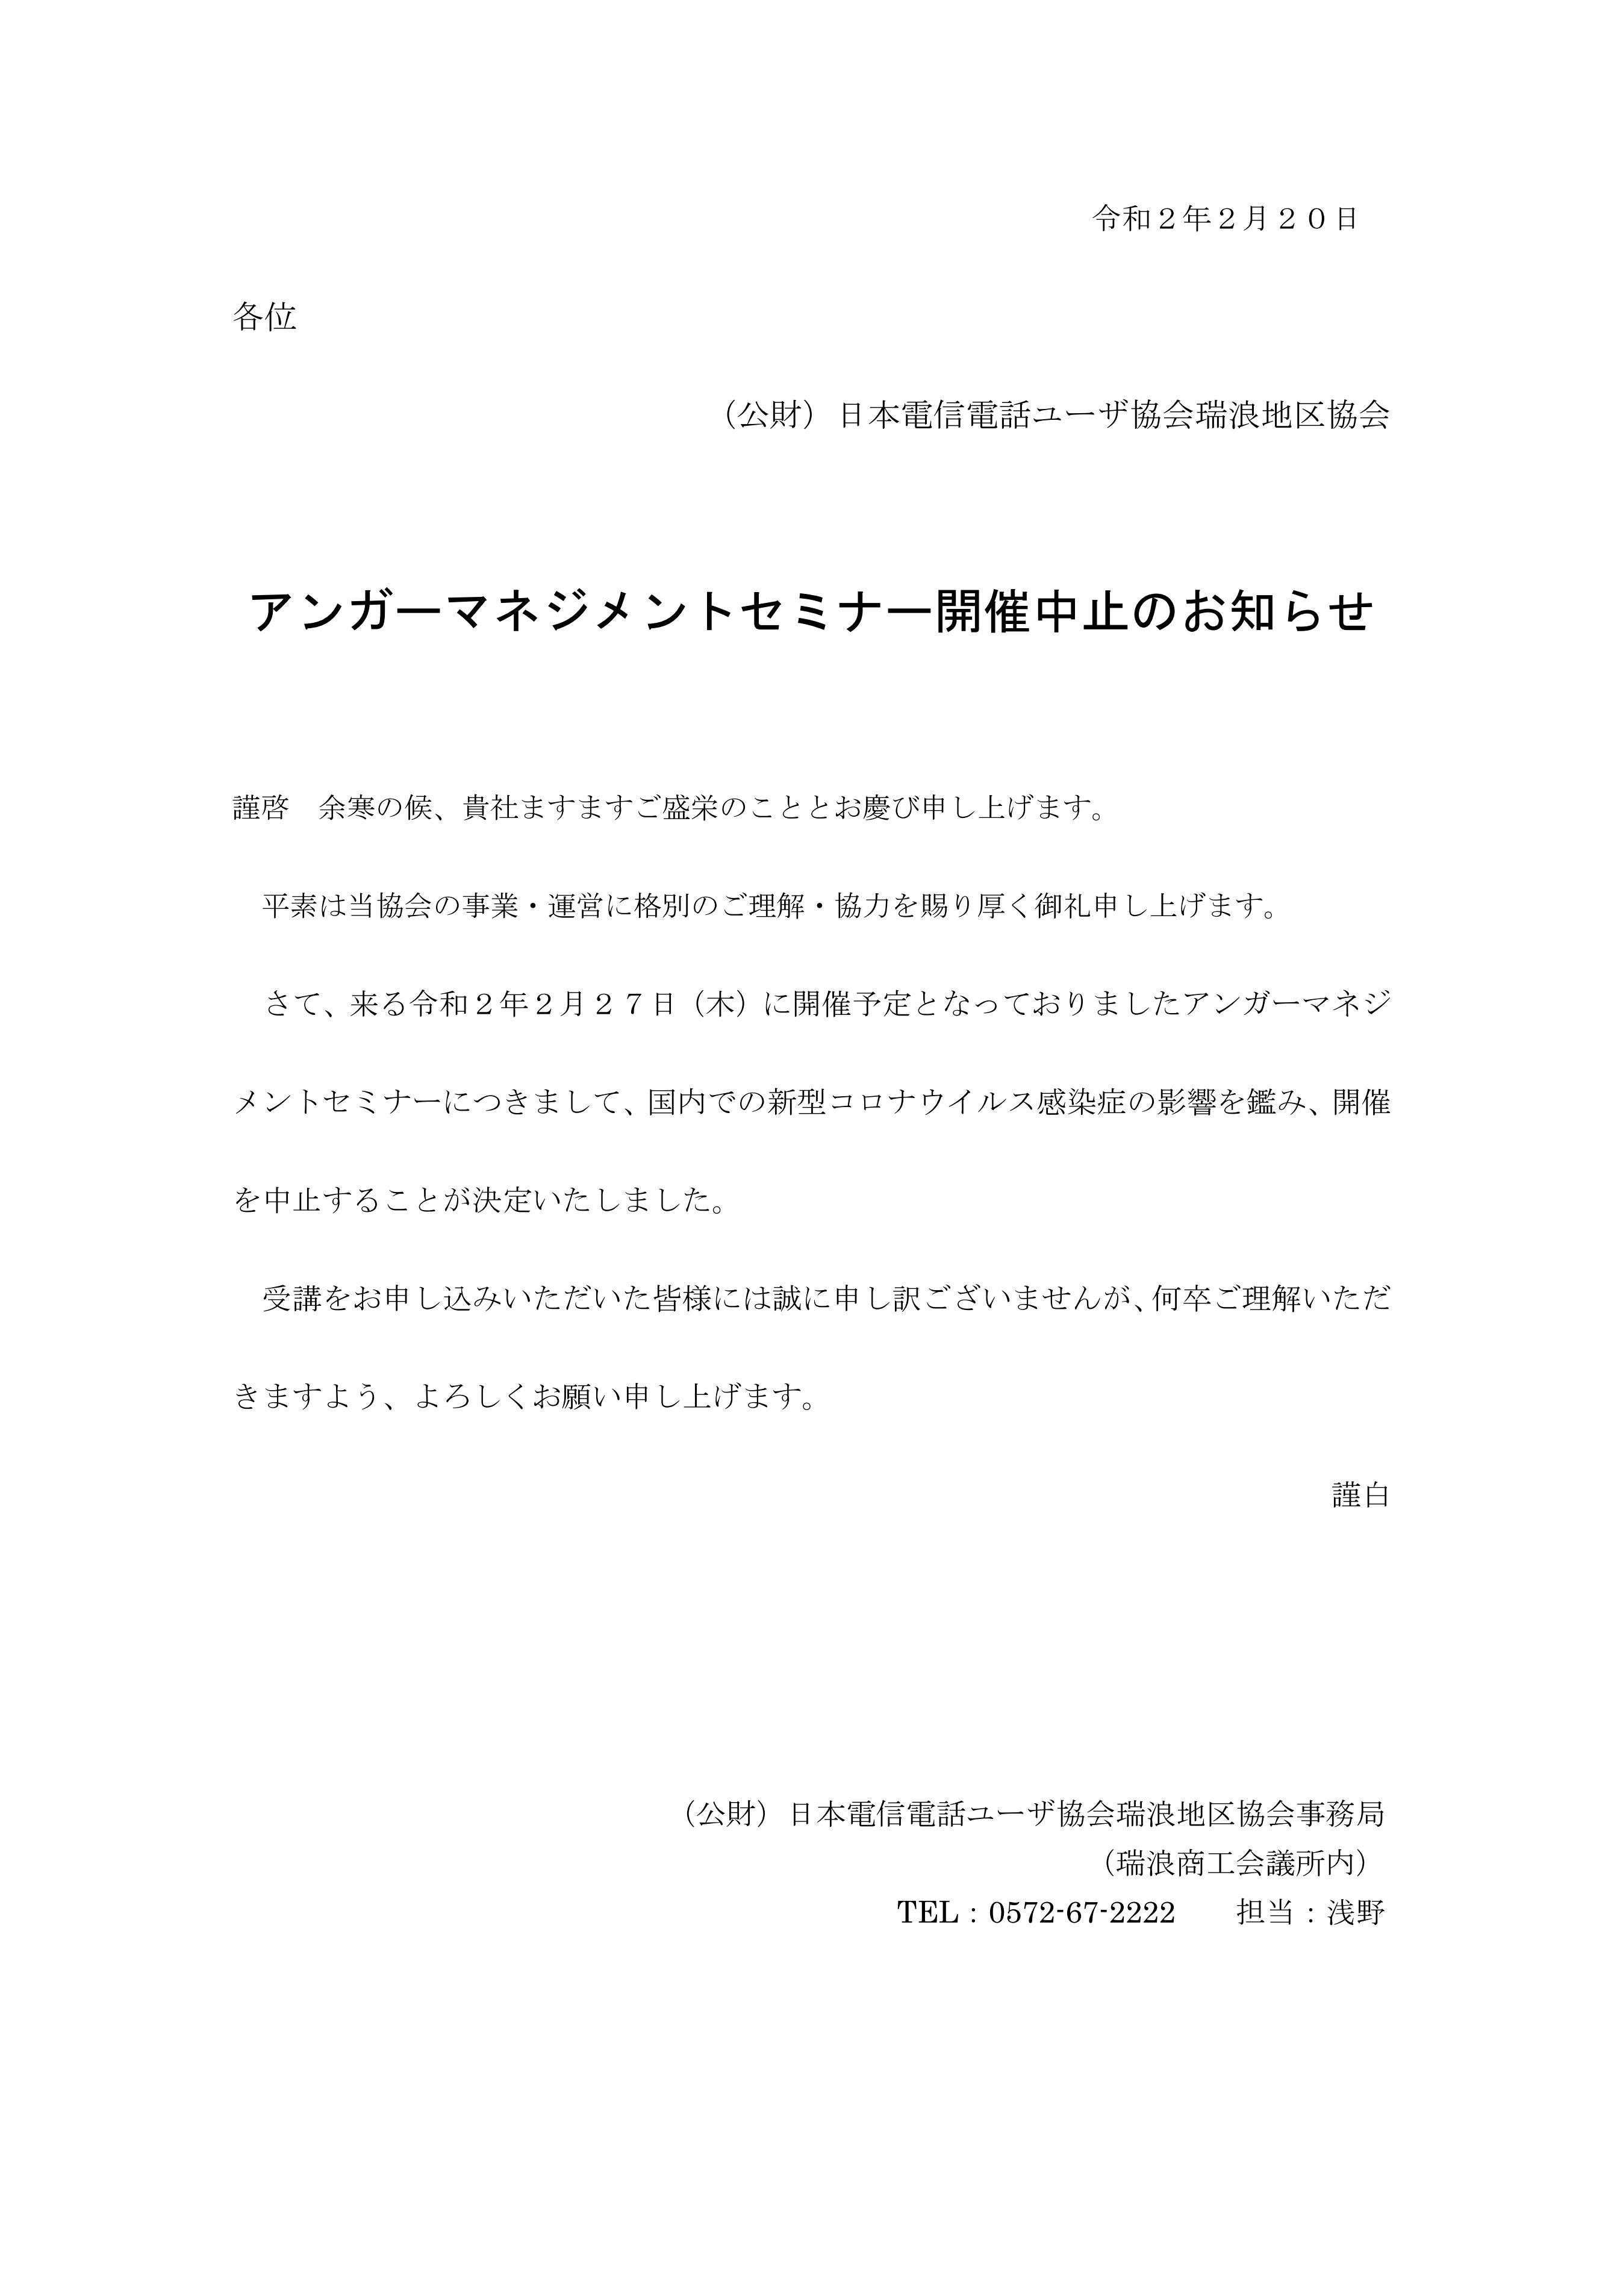 アンガーマネジメントセミナー開催中止のお知らせ